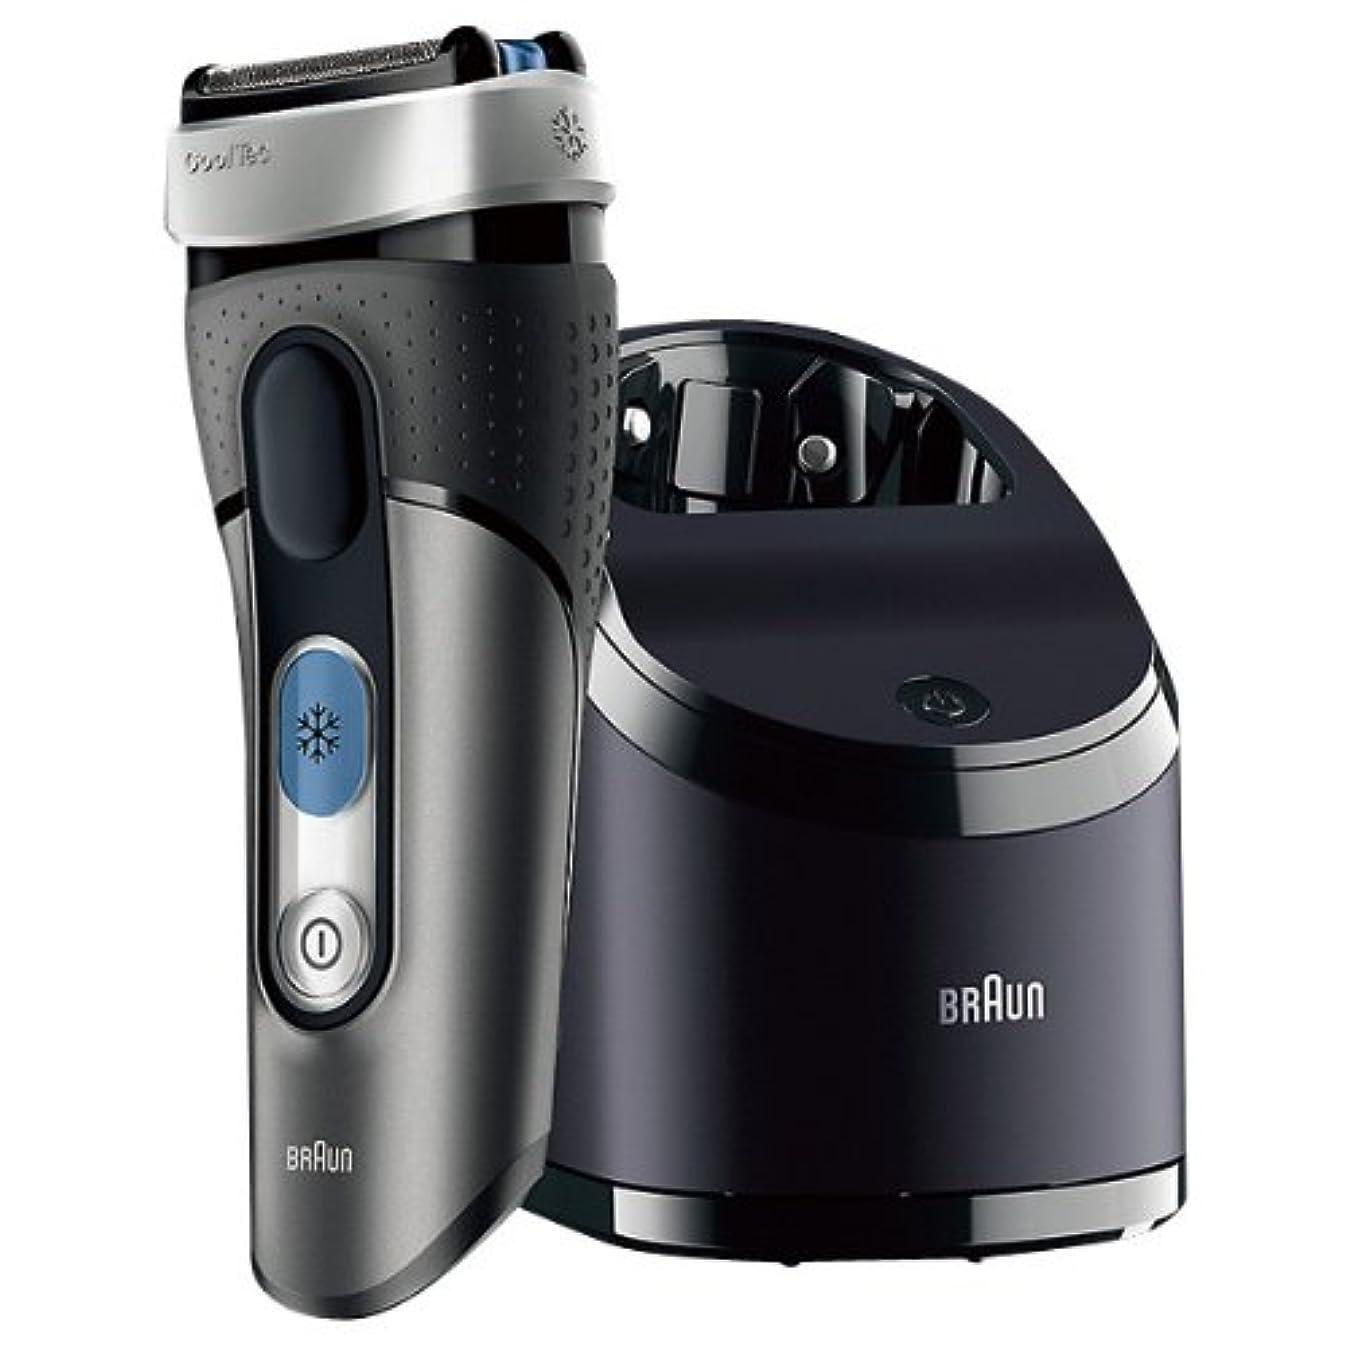 名門それによって激怒ブラウン シェーバー Cool Tec(クールテック) エディオンオリジナルカラー 冷却ヘッドテクノロジー搭載 自動アルコール洗浄器付 CT3CCE9